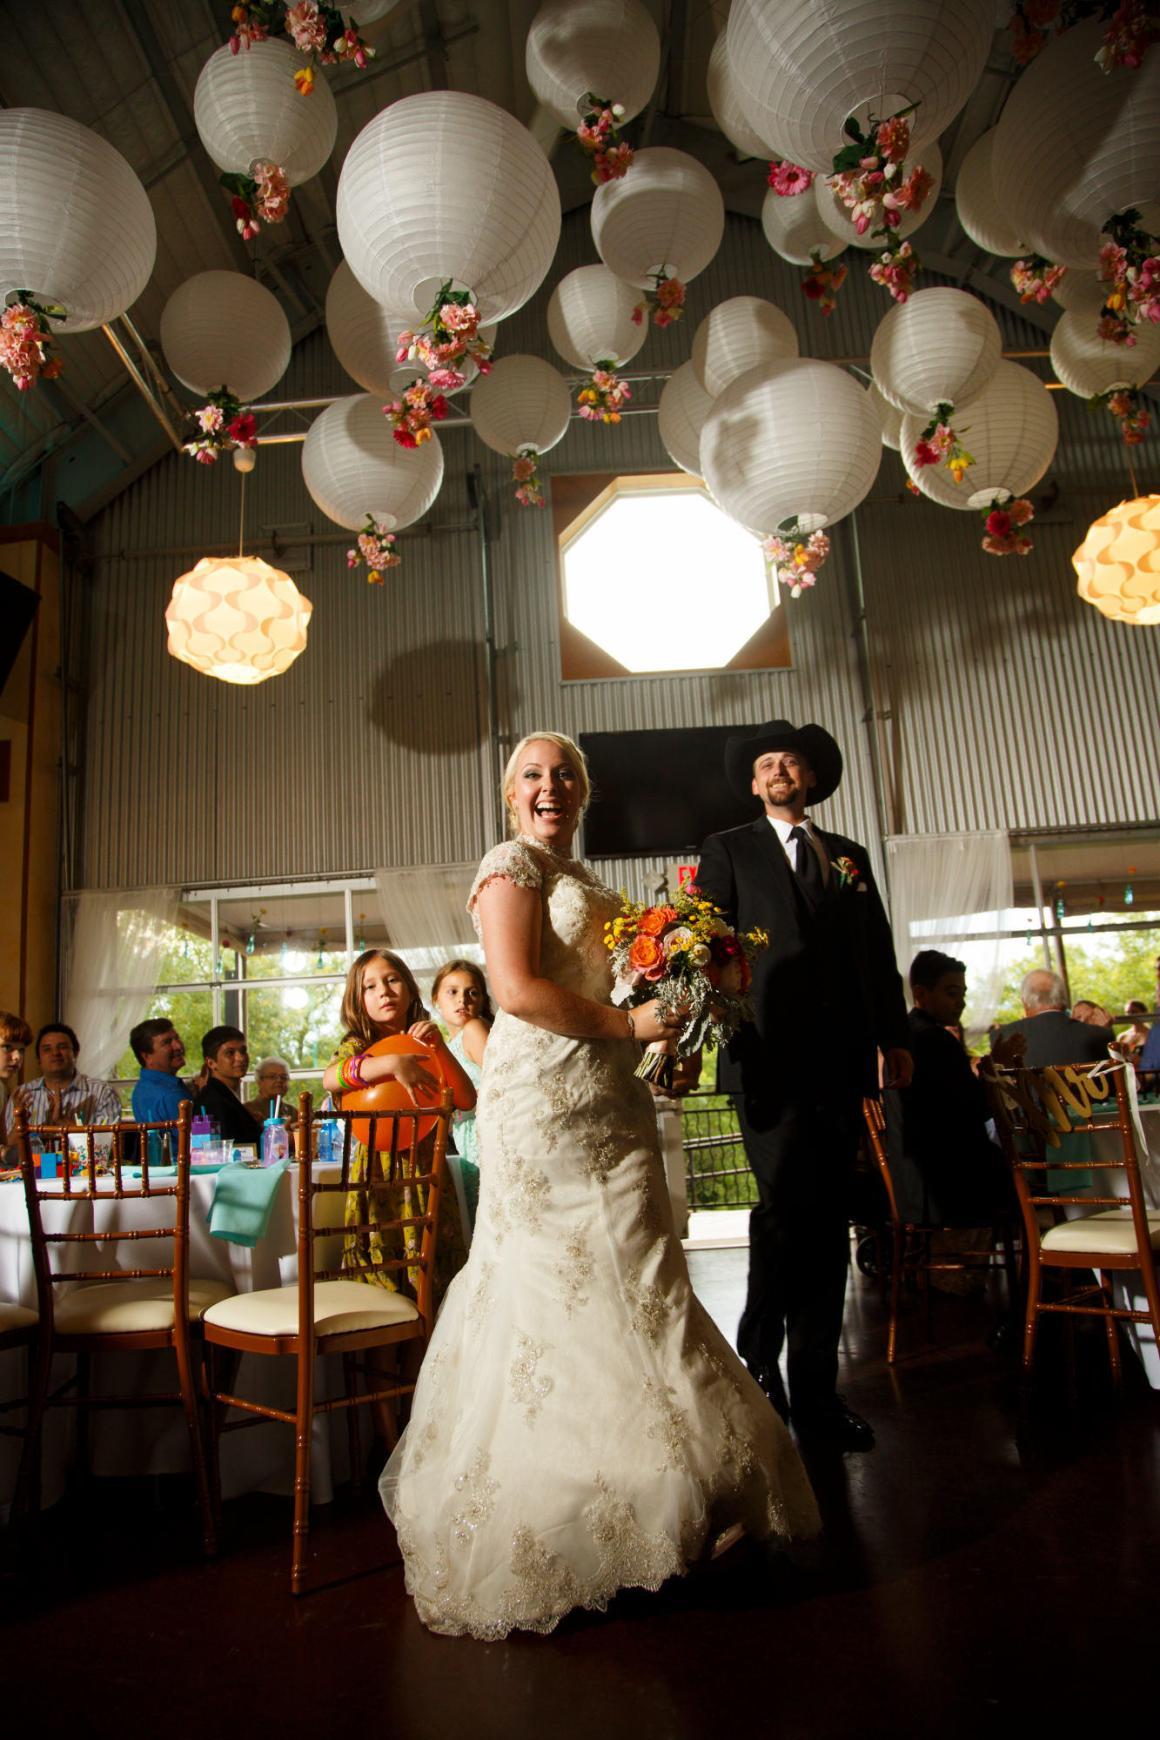 Couple's entry to TerrAdorna Wedding Reception